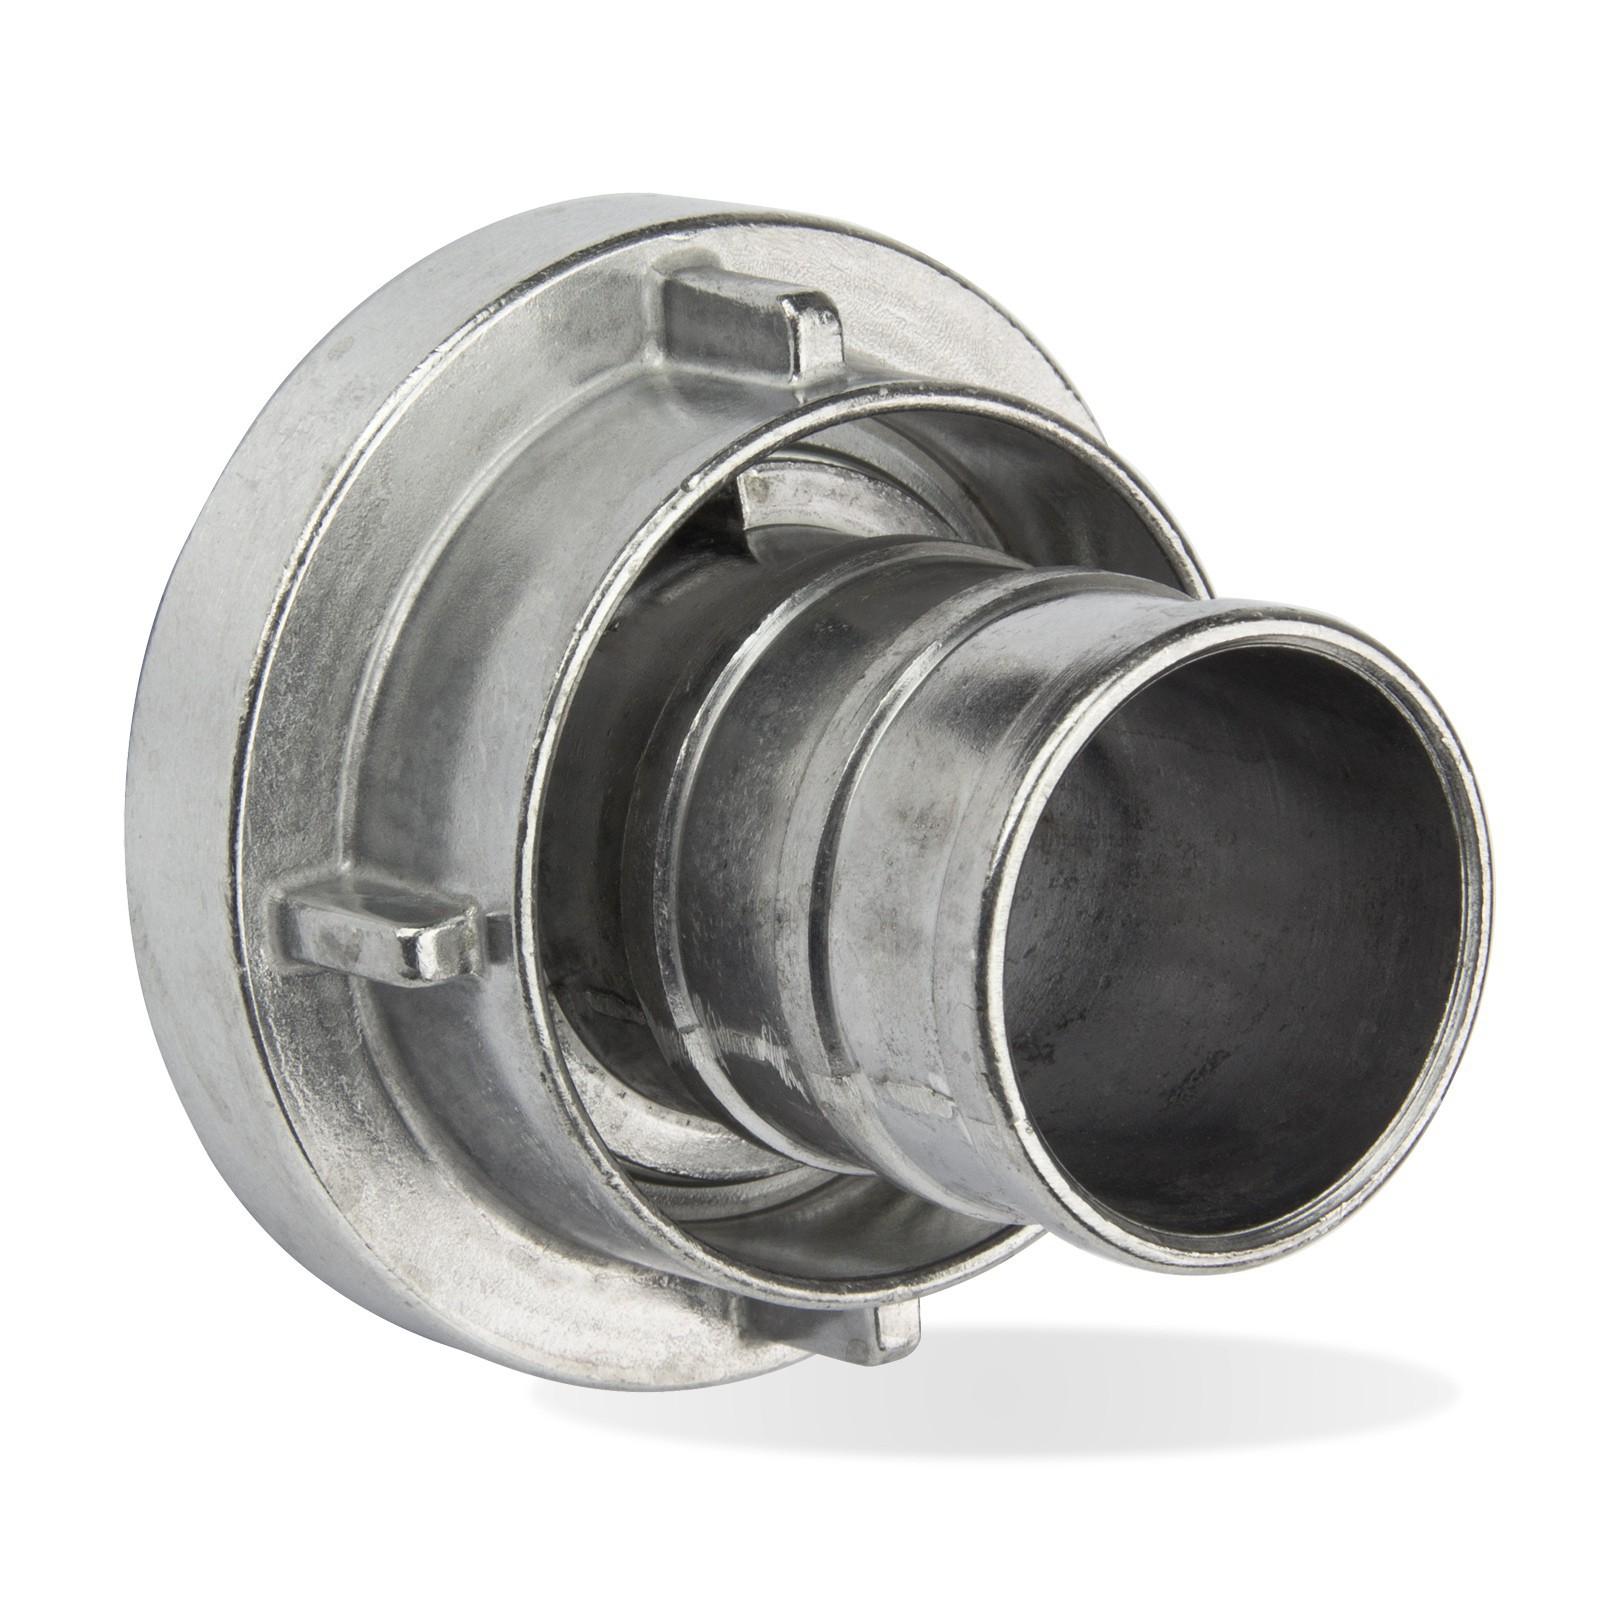 storz kupplung d saugkupplung 25 mm 1 zoll feuerwehrkupplung storzkupplung ebay. Black Bedroom Furniture Sets. Home Design Ideas